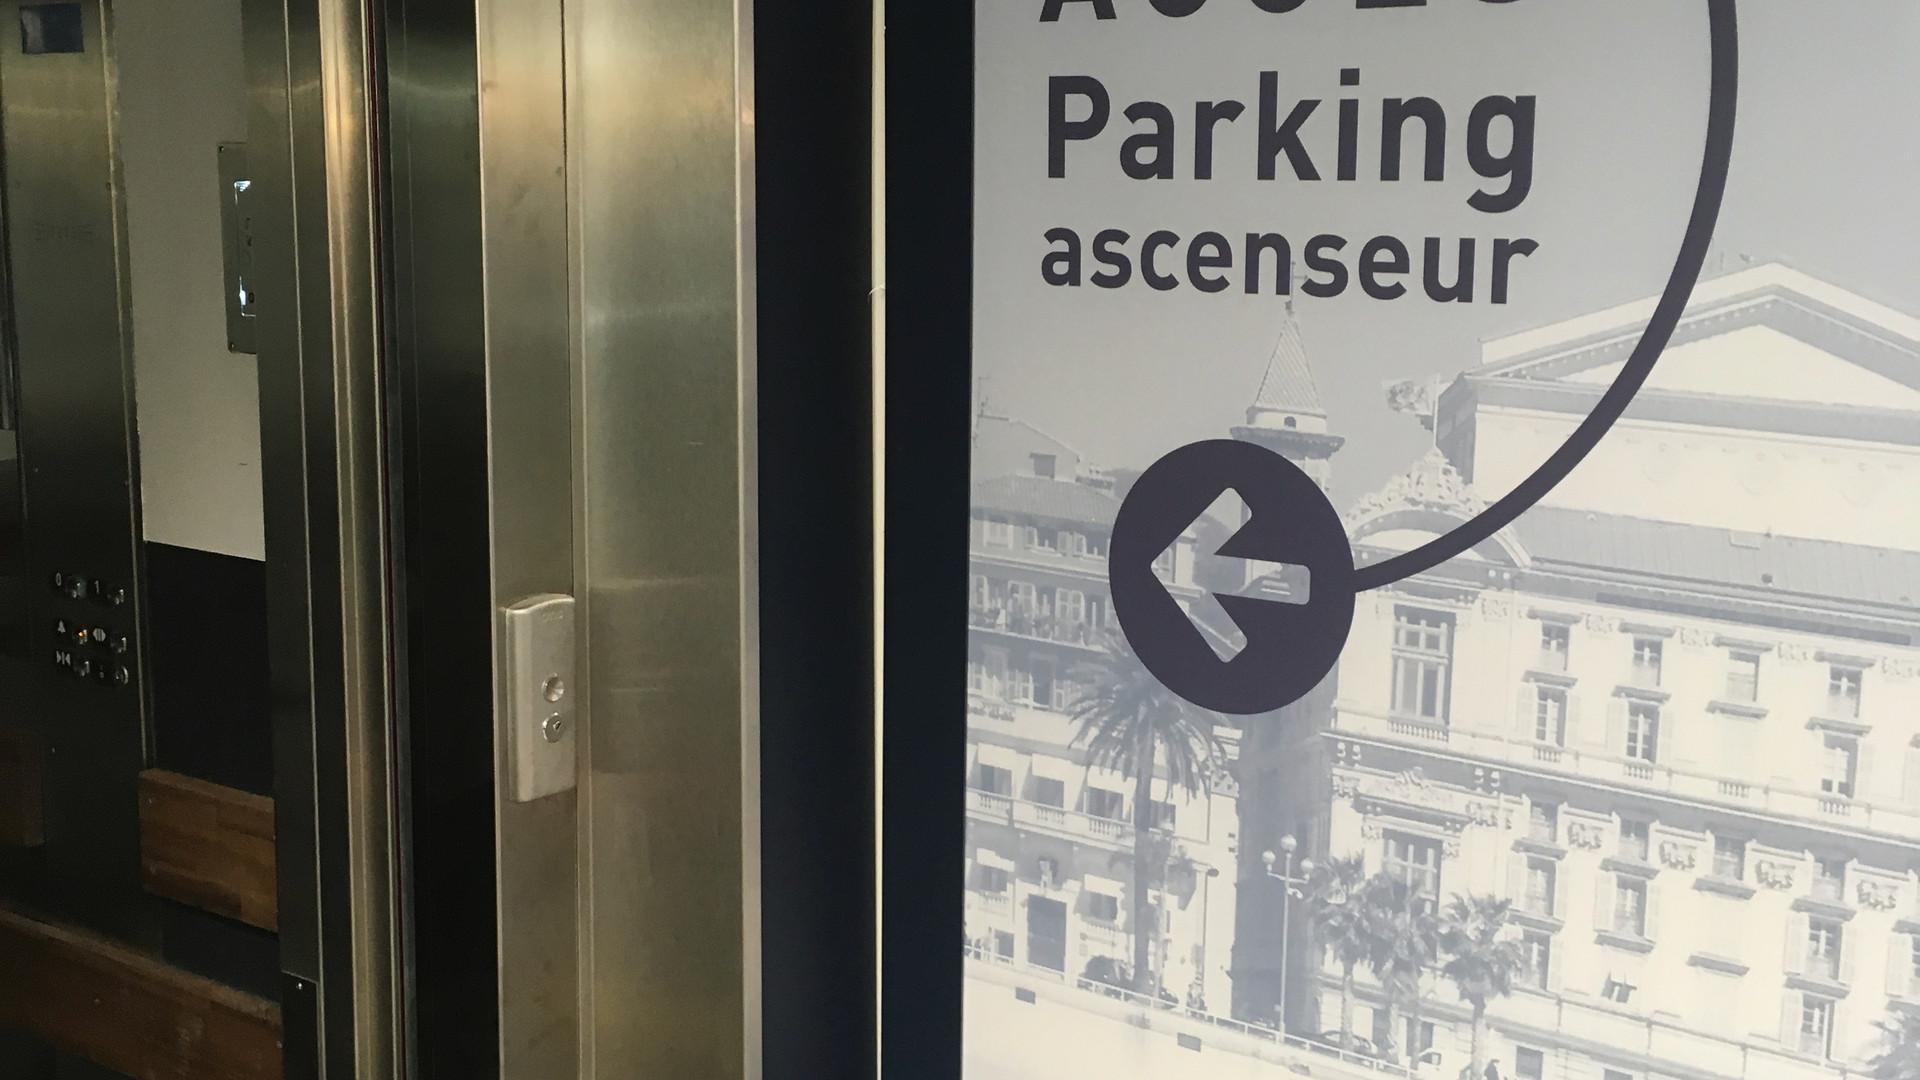 signalétique adhésive parking dans un supermarché ALDI